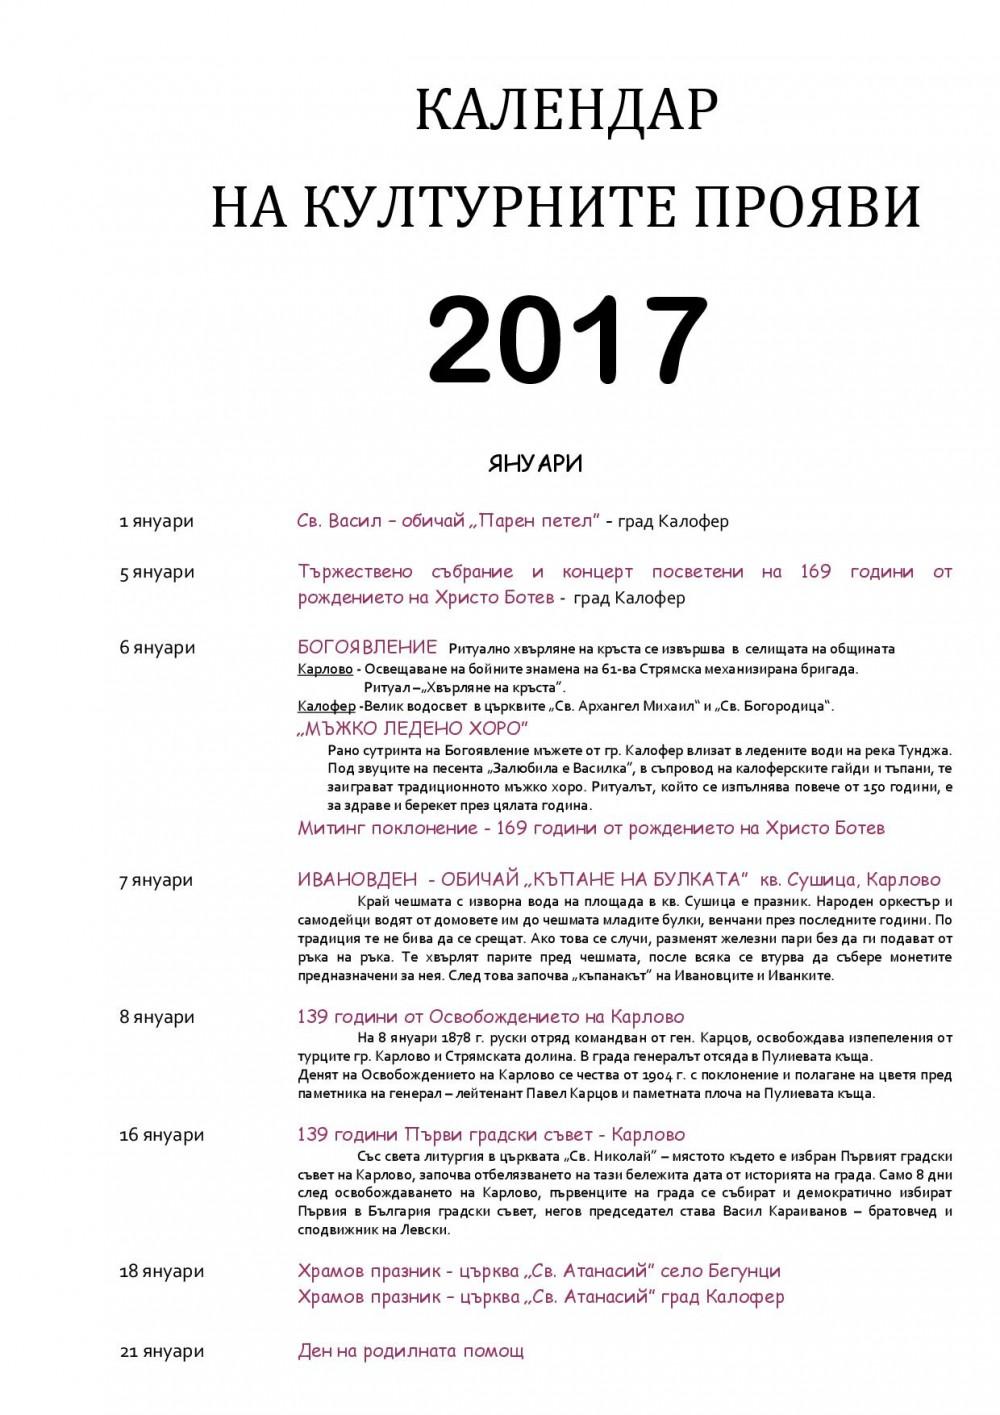 Kulturen kalendar 2017101